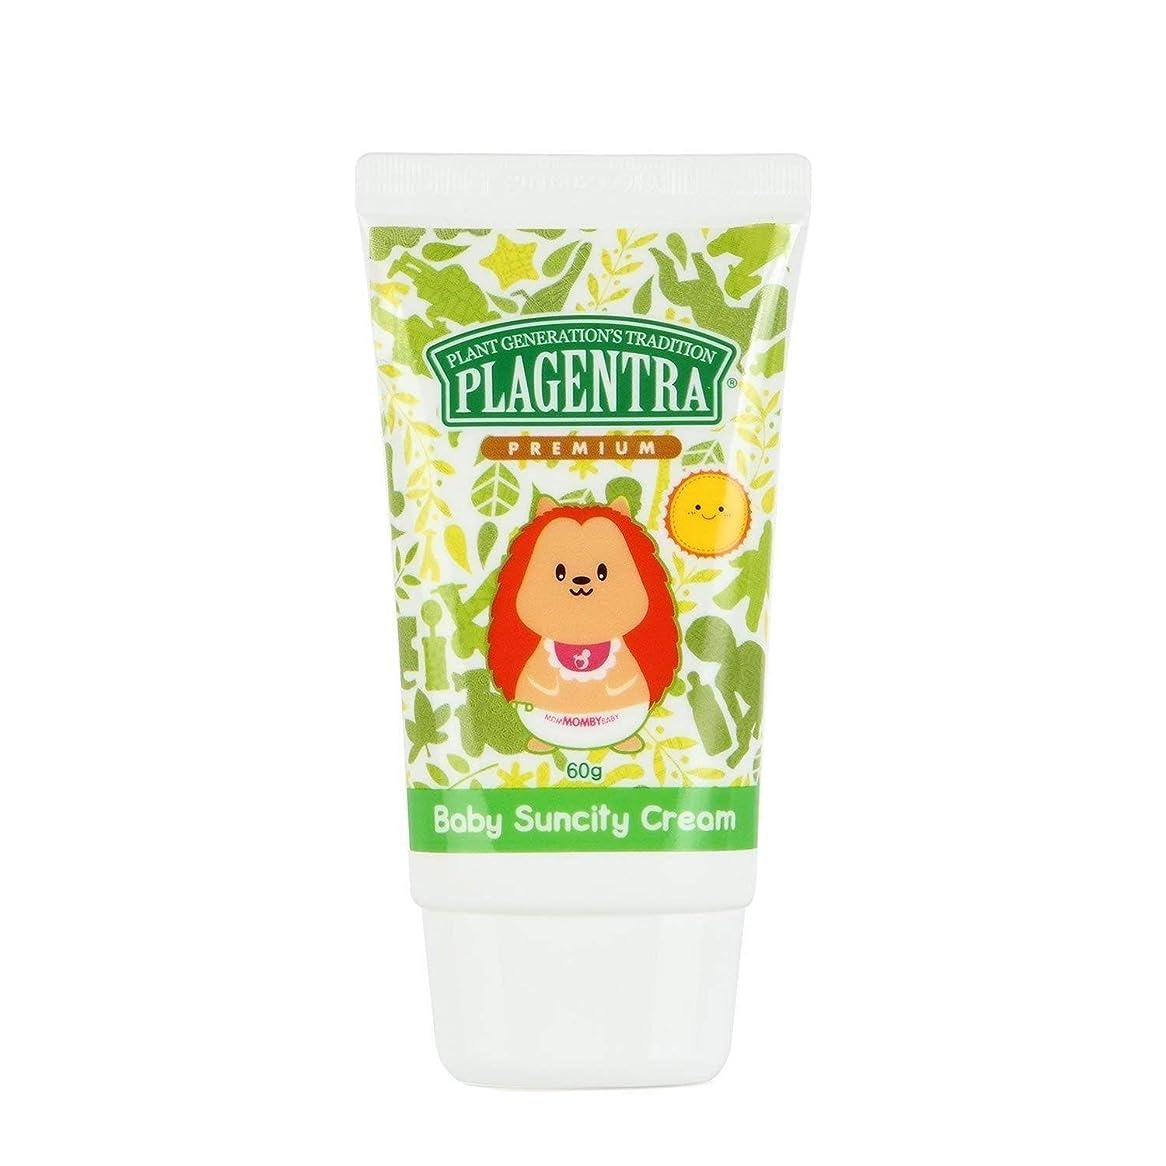 ドアミラー火山学者正規化[ PLAGENTRA ] Baby Suncity Cream (60g) Natural Sunscreen 韓国 日焼け止め